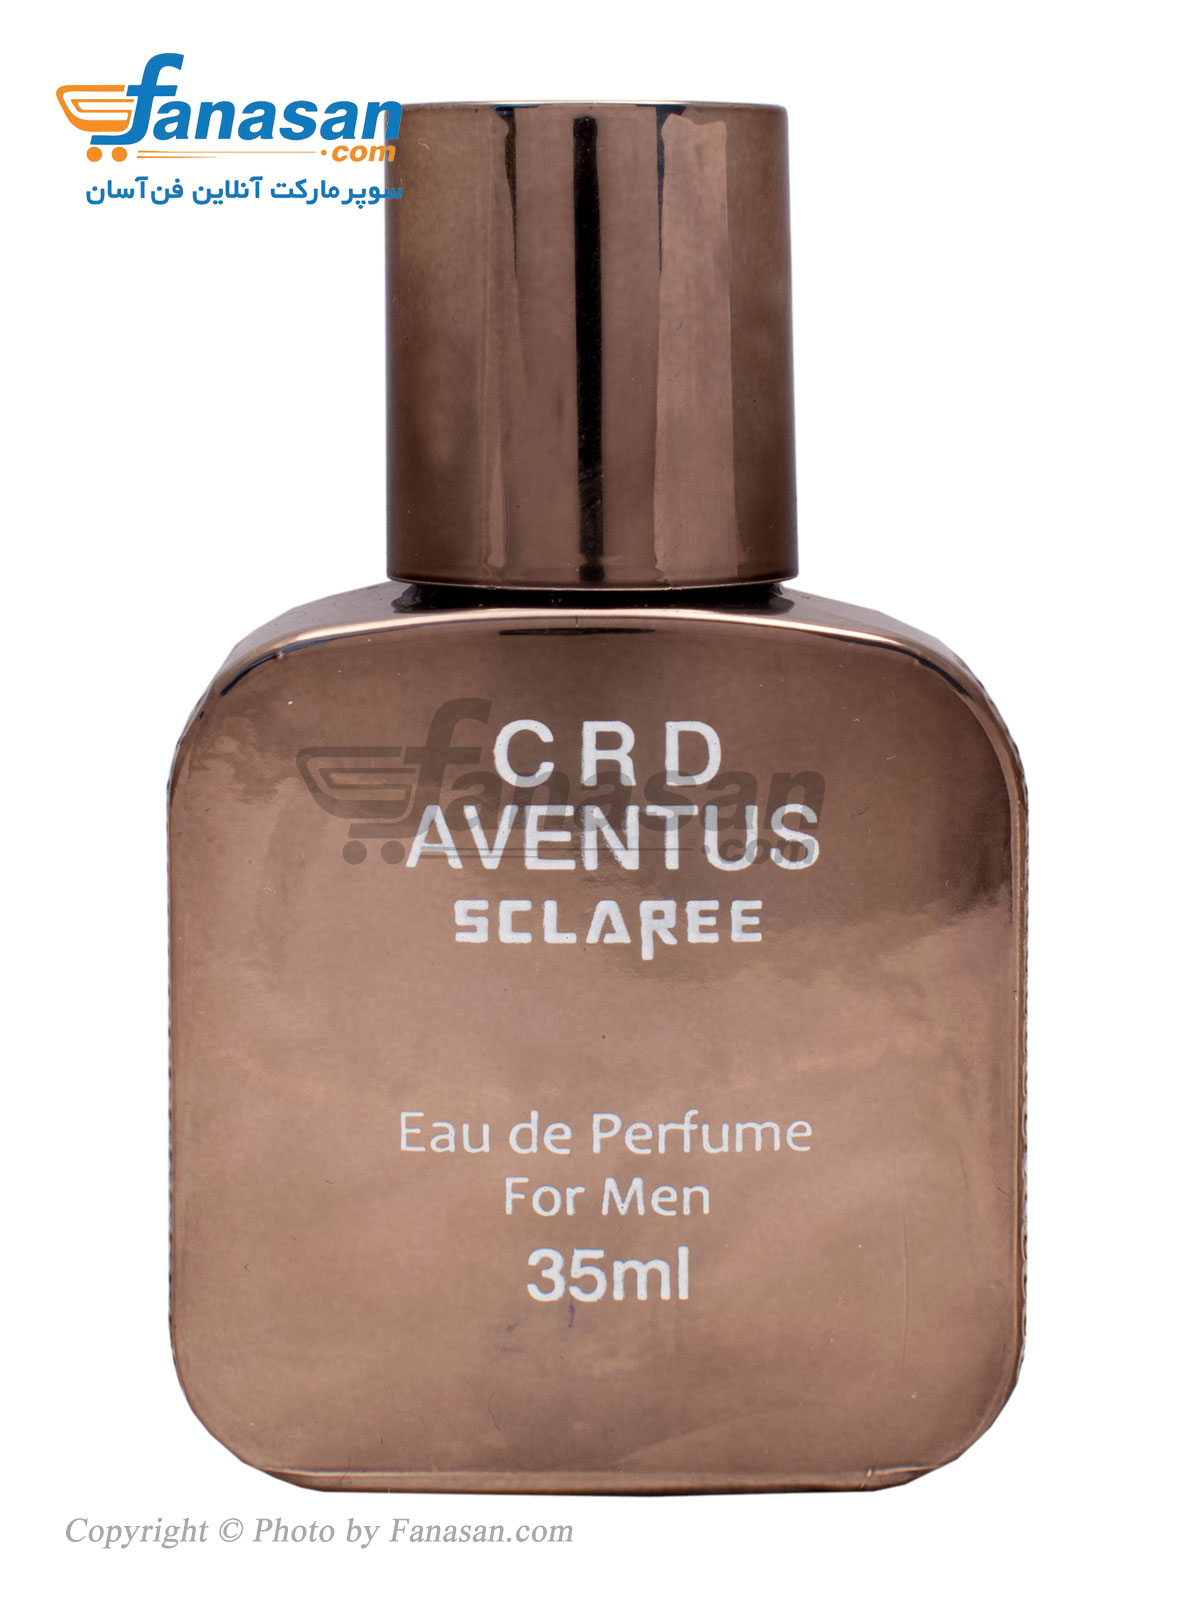 ادو پرفیوم اسکلاره با رایحه Crd Aventus مناسب برای آقایان 35 میلی لیتر